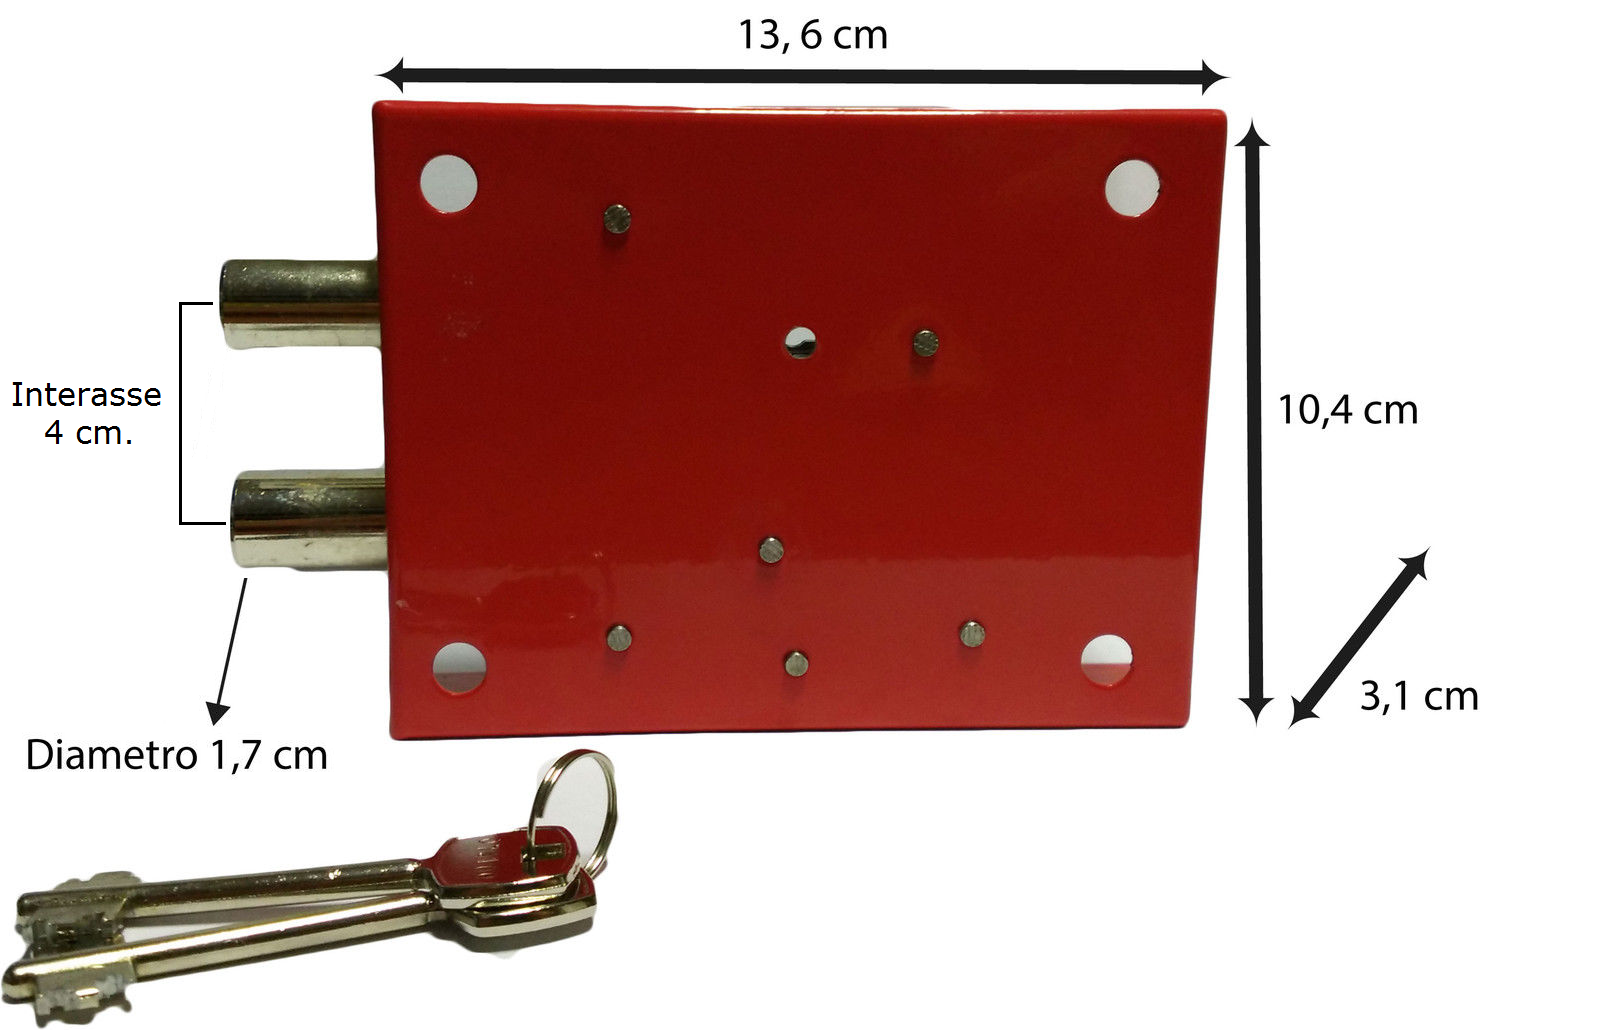 serratura di ricambio per cassaforte a muro universale